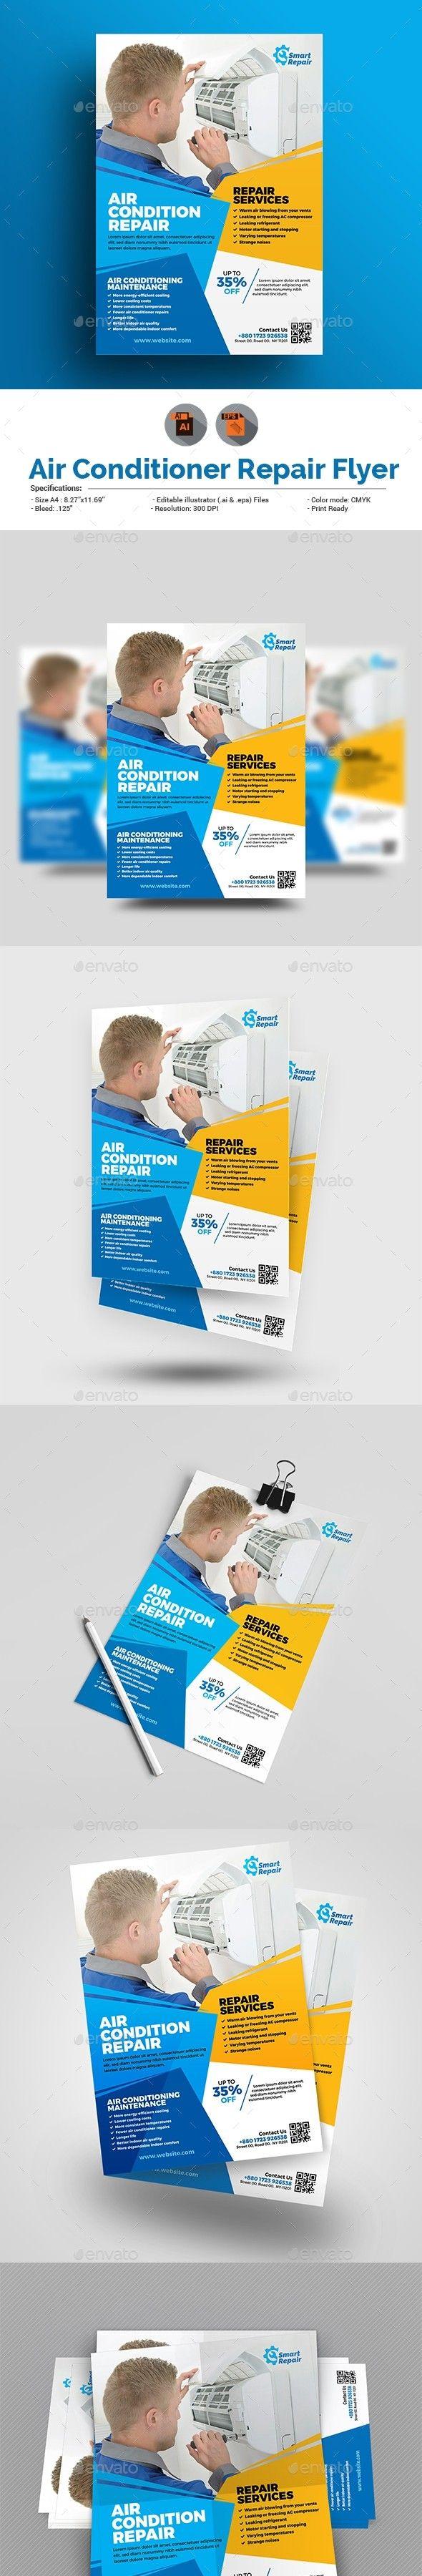 ac brochure, ac expert, ac fix, ac flyer, ac postcard, ac